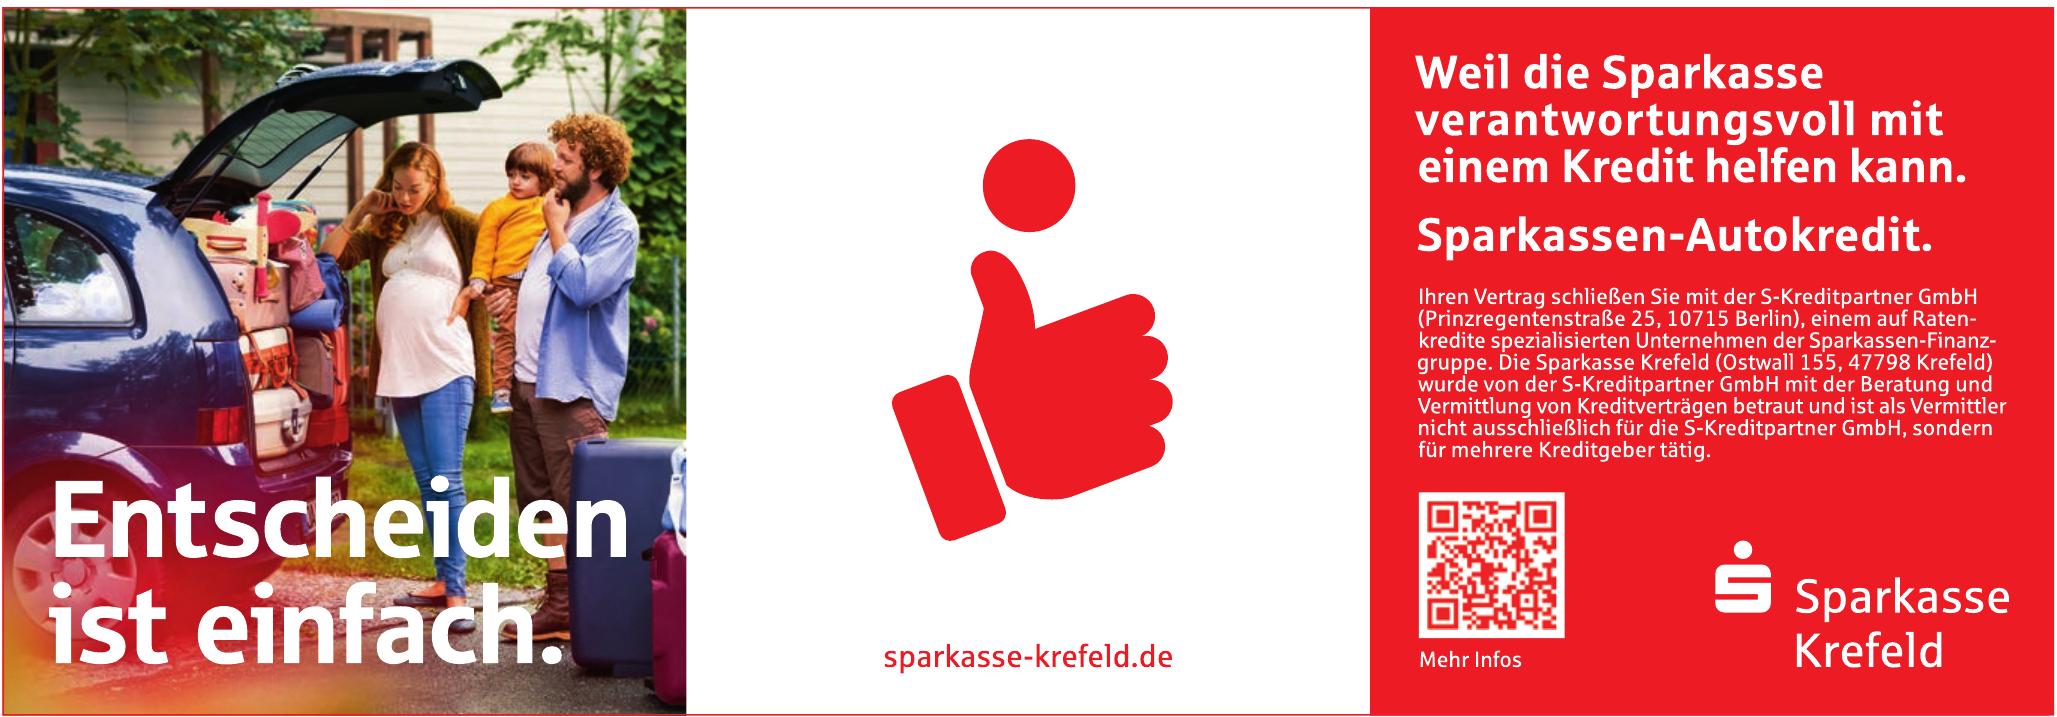 Sparkasse Krefeld